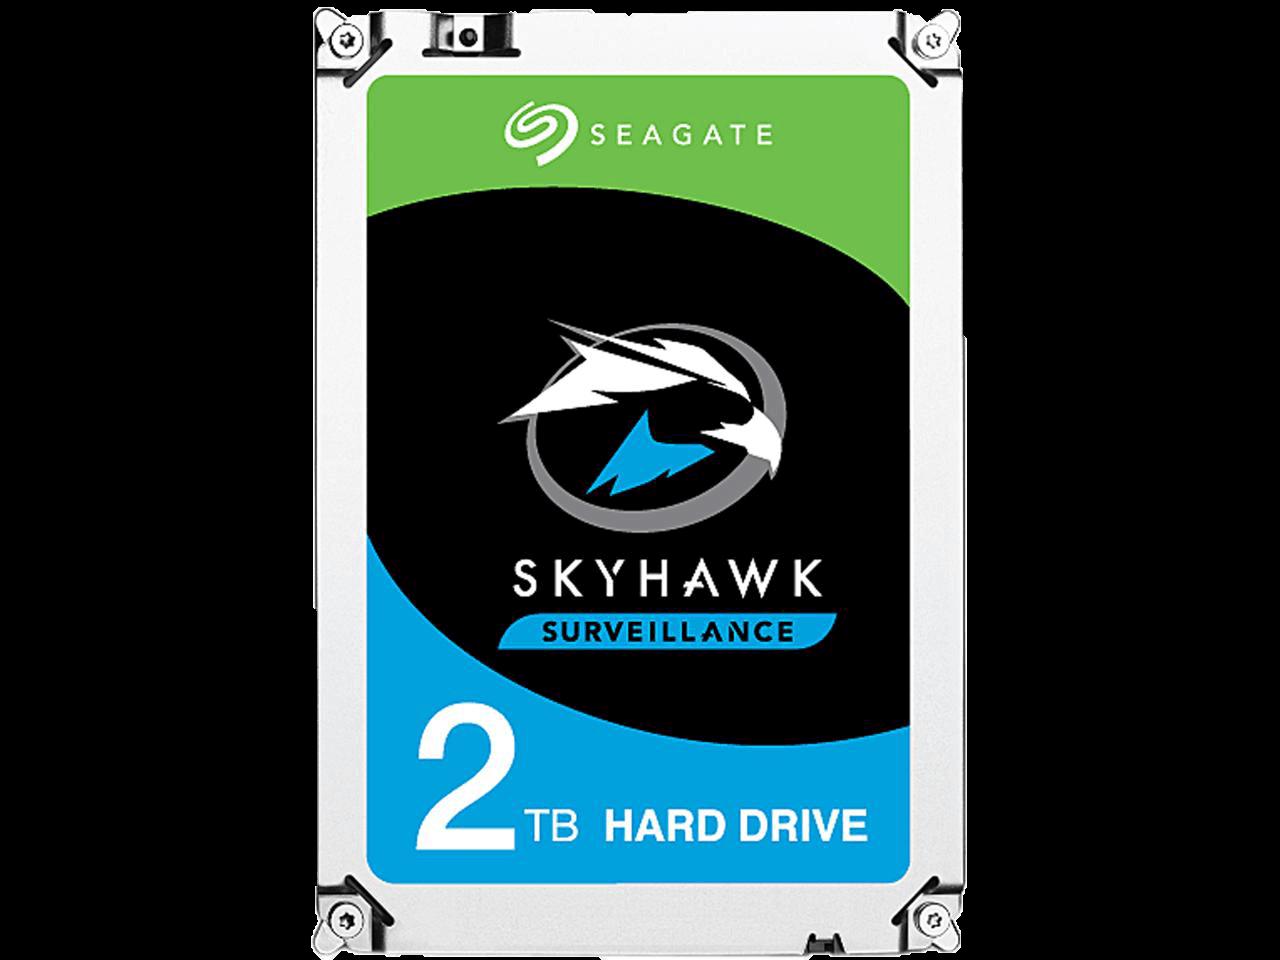 DYSK SEAGATE SkyHawk ST2000VX003 2TB 15689